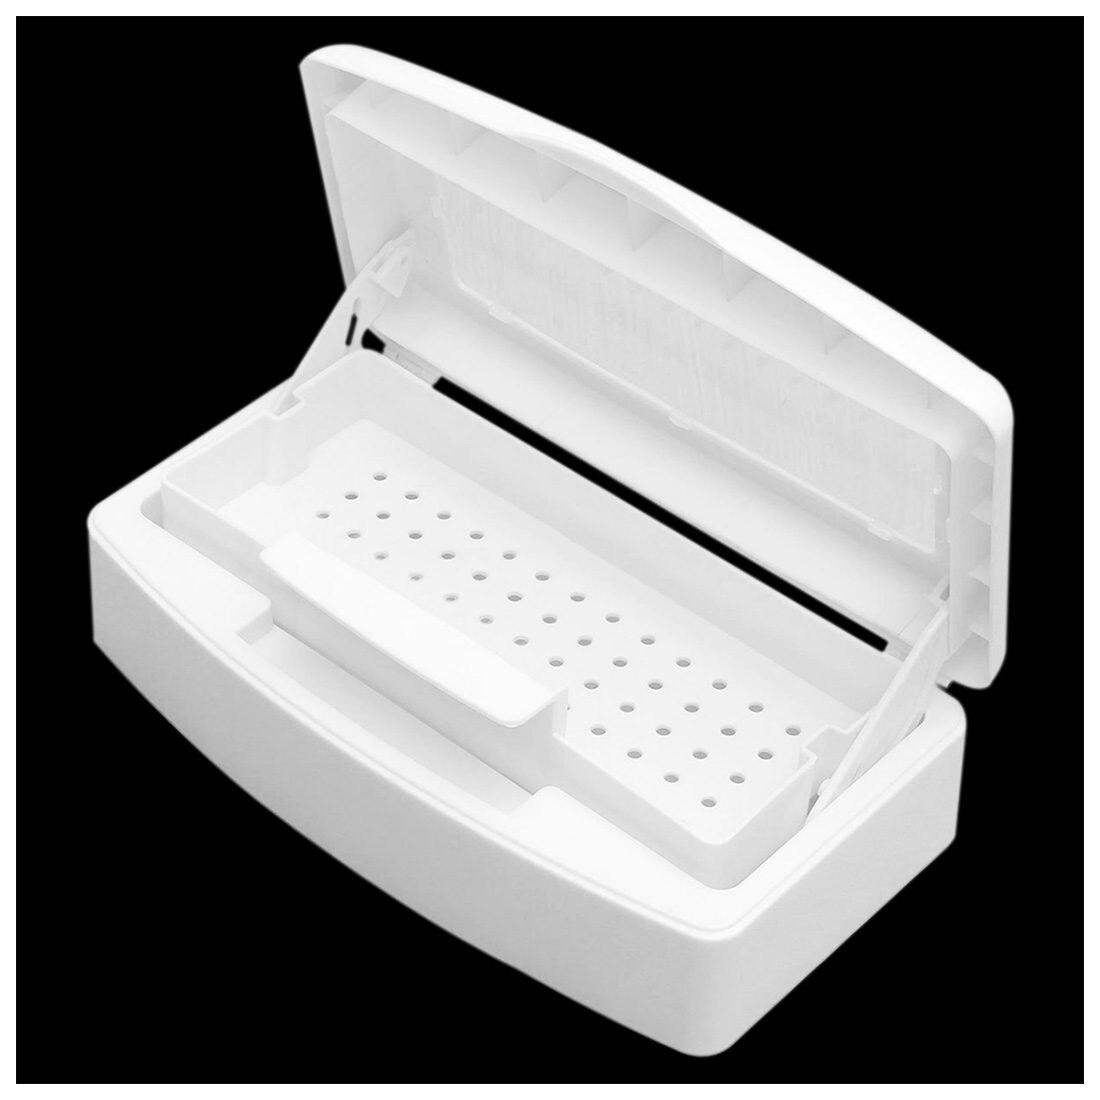 Nuovo Sterilizzatore Vassoio di Sterilizzazione Clean Box Unghie artistiche Salone di Manicure Implementare Strumento